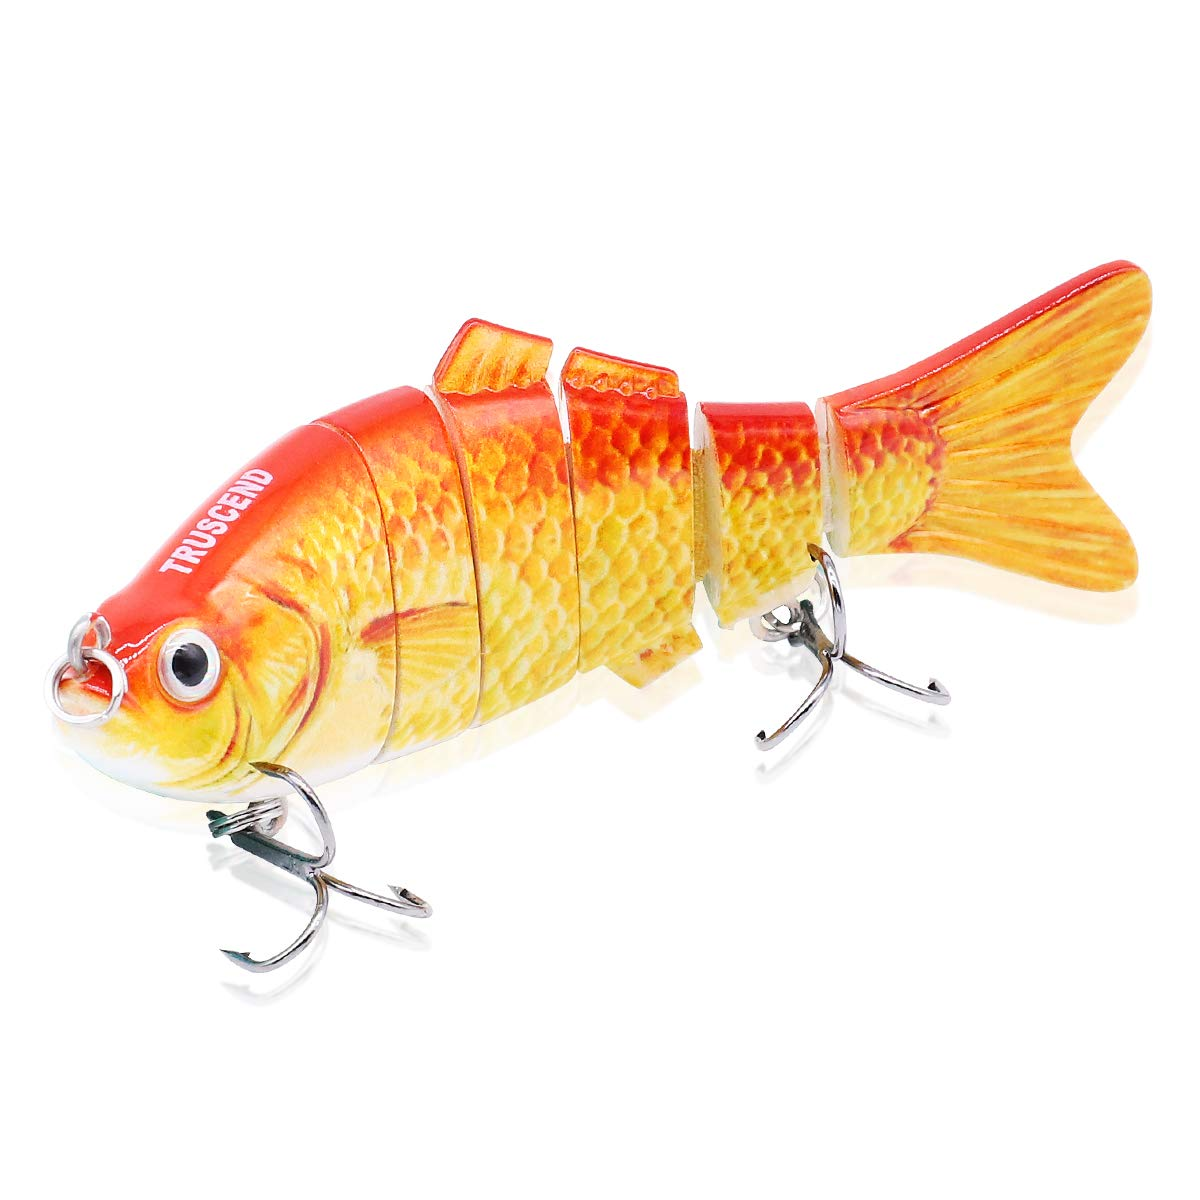 古典 釣りルアー6セグメントLifelike Swimbait Swimbait Jointed人工餌Crankbaitトレブルフックfor Bass B07GNYNWBD オレンジ オレンジ Bass オレンジ, プロのすすめるカーペット:a02d43df --- beutycity.com